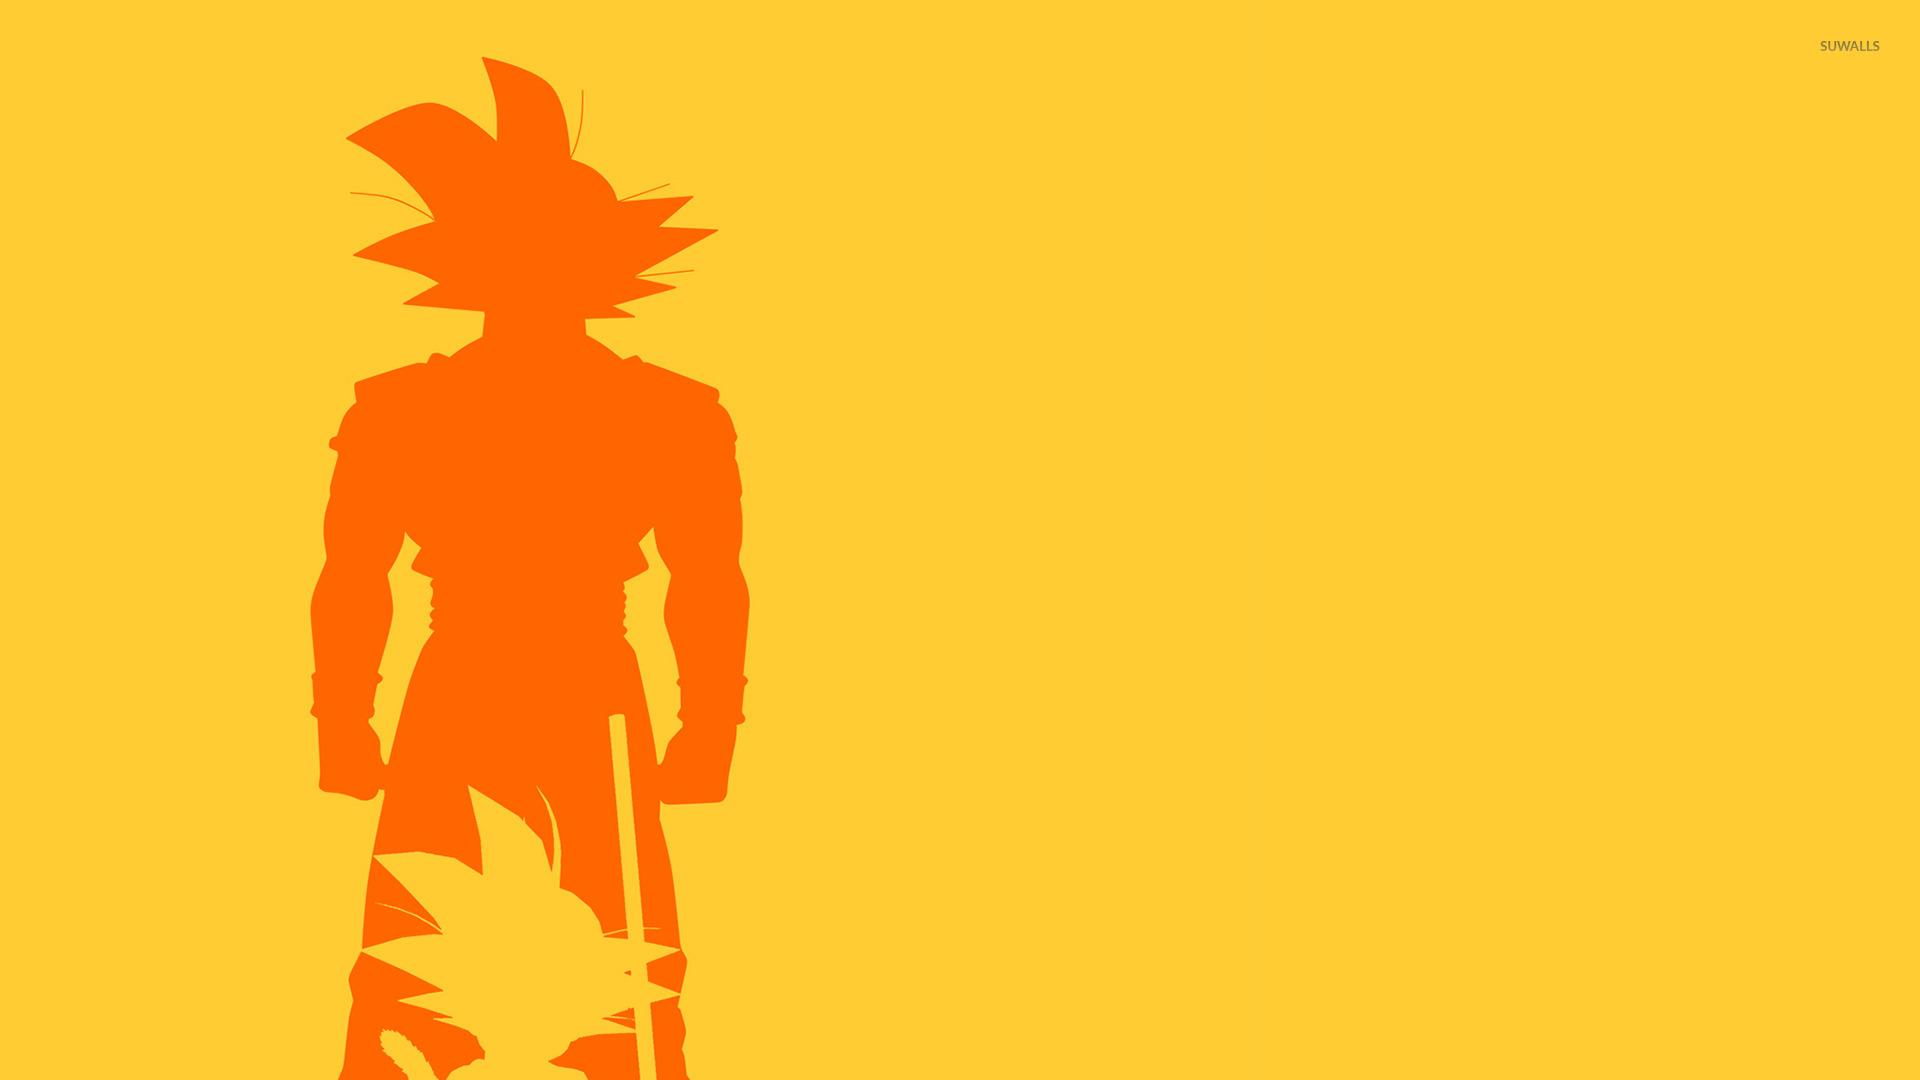 Goku   Dragon Ball Z [4] wallpaper   Anime wallpapers   43828 1920x1080